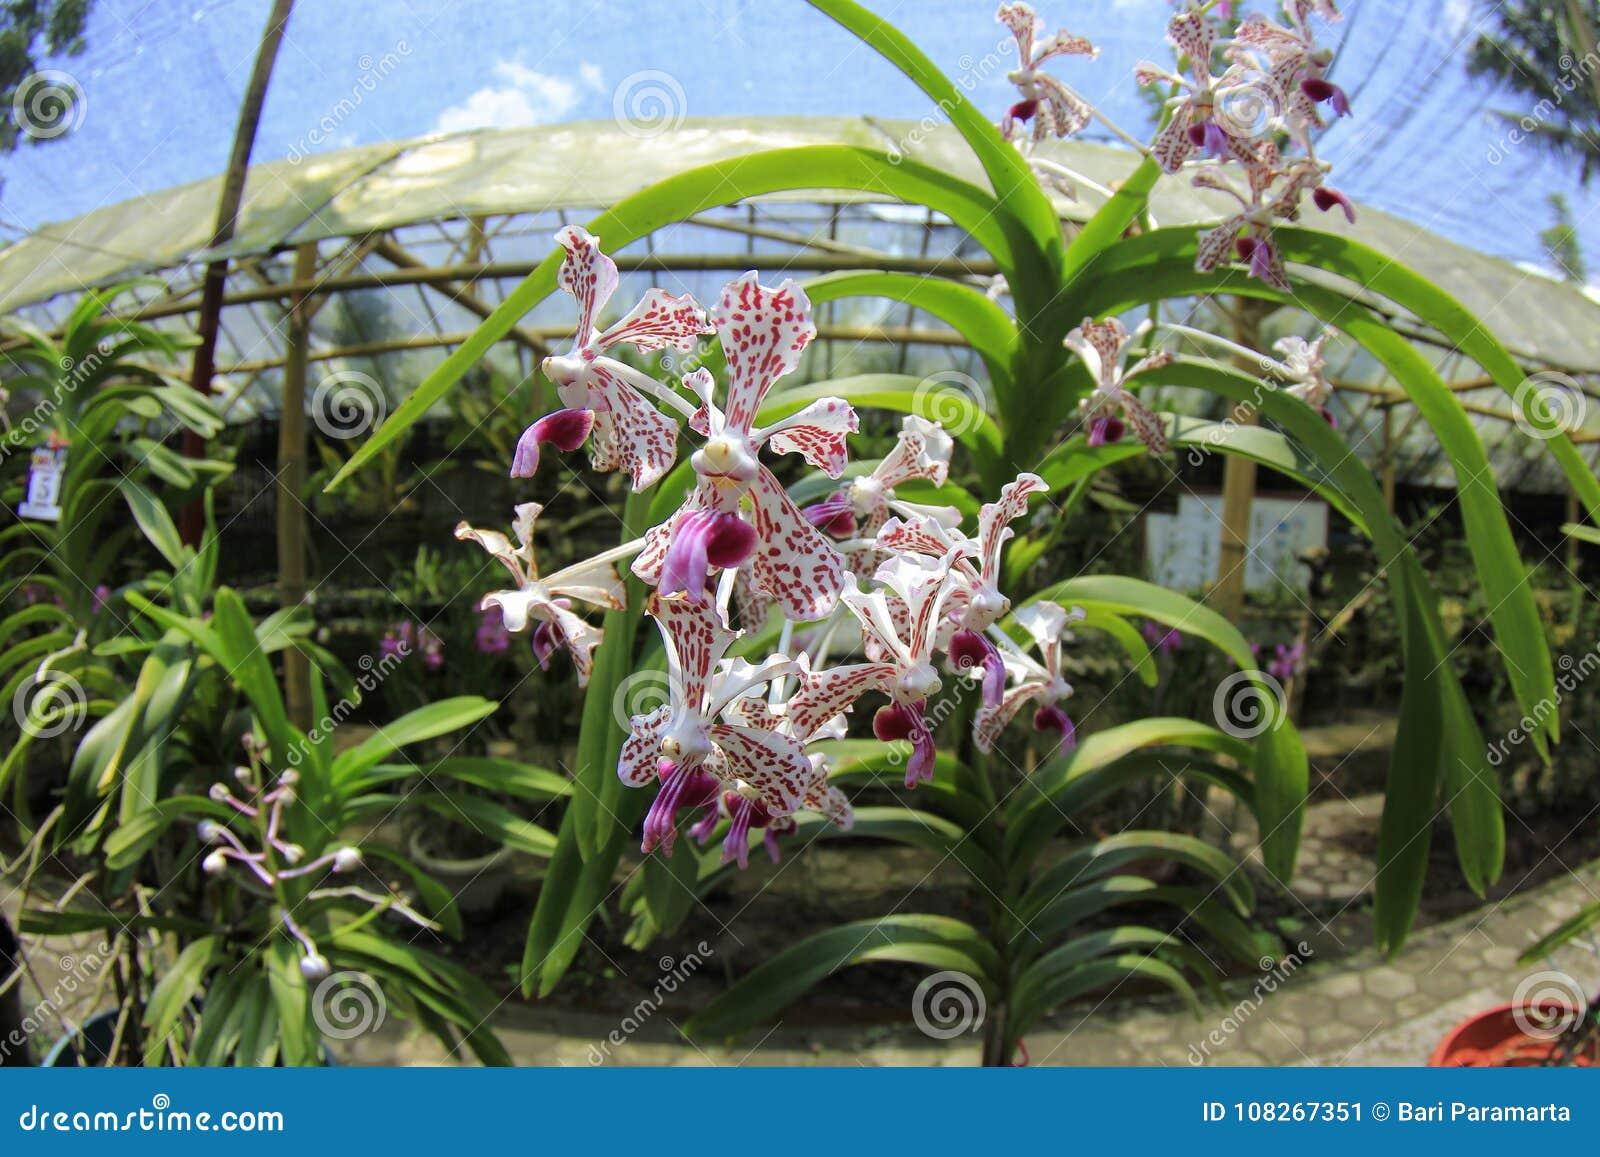 Vanda Tricolor Orchid